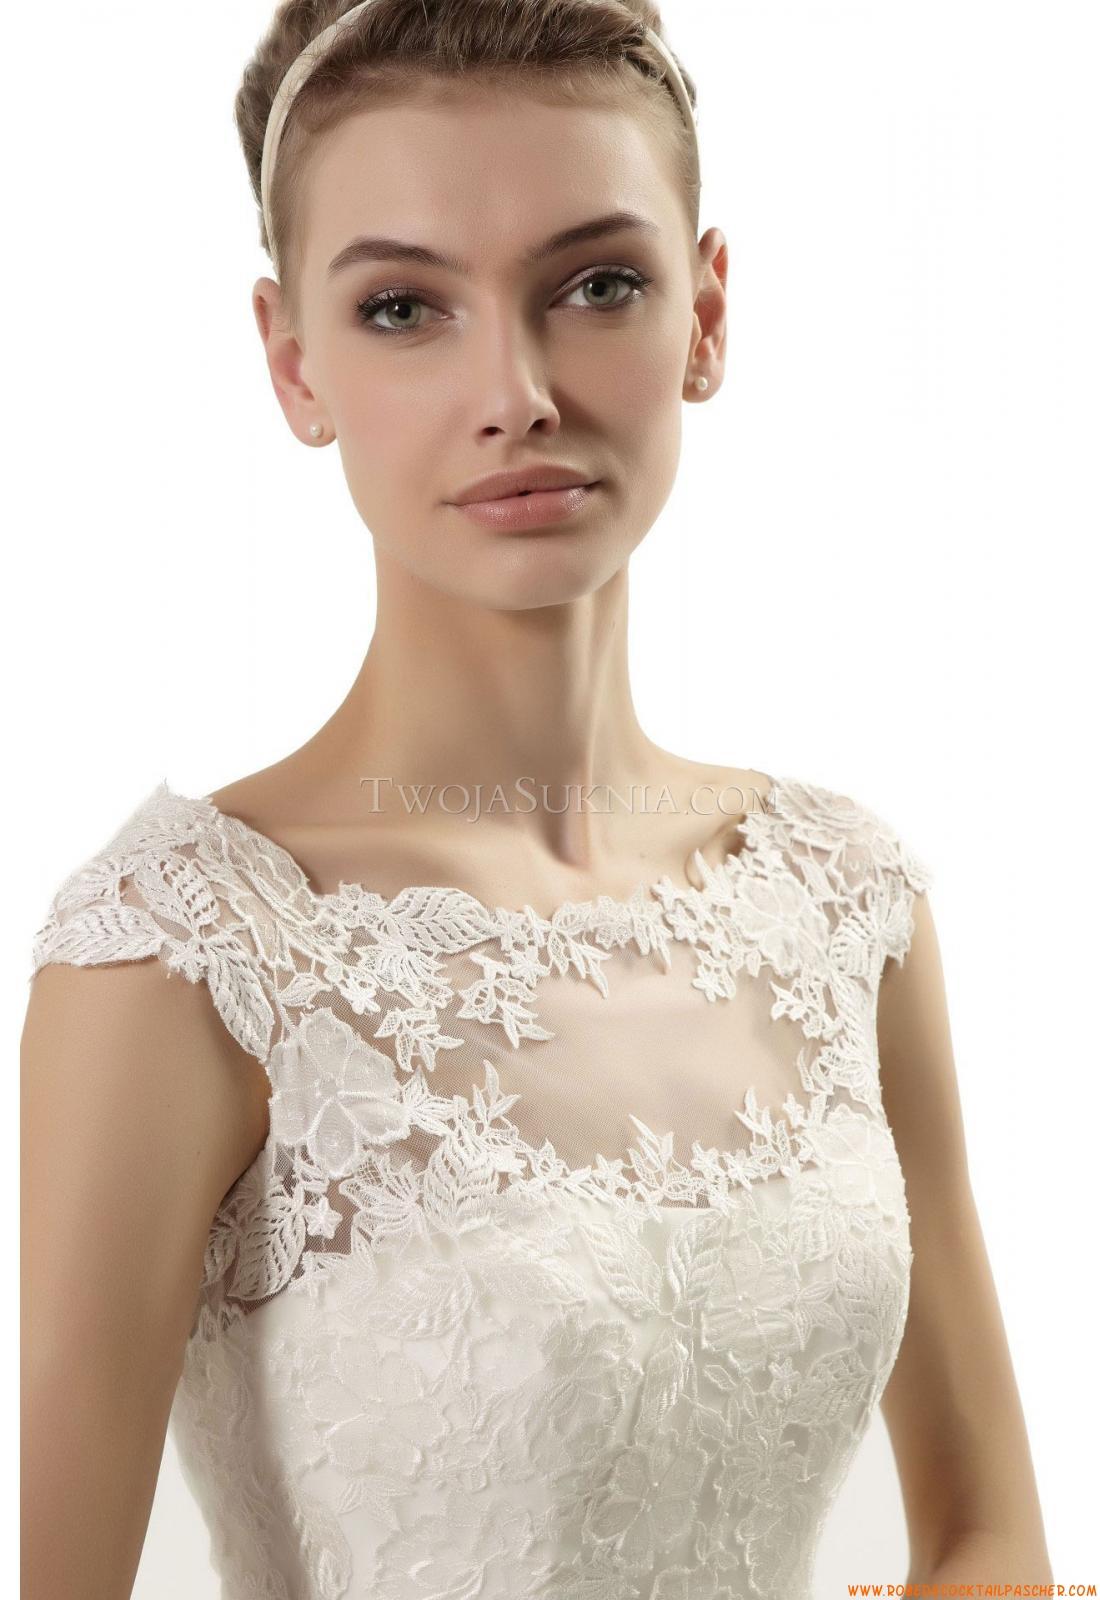 7d081fdb5717 Je veux trouver une belle robe de soirée coloré ou élégante pas cher ICI 1  2 3 robes de mariée